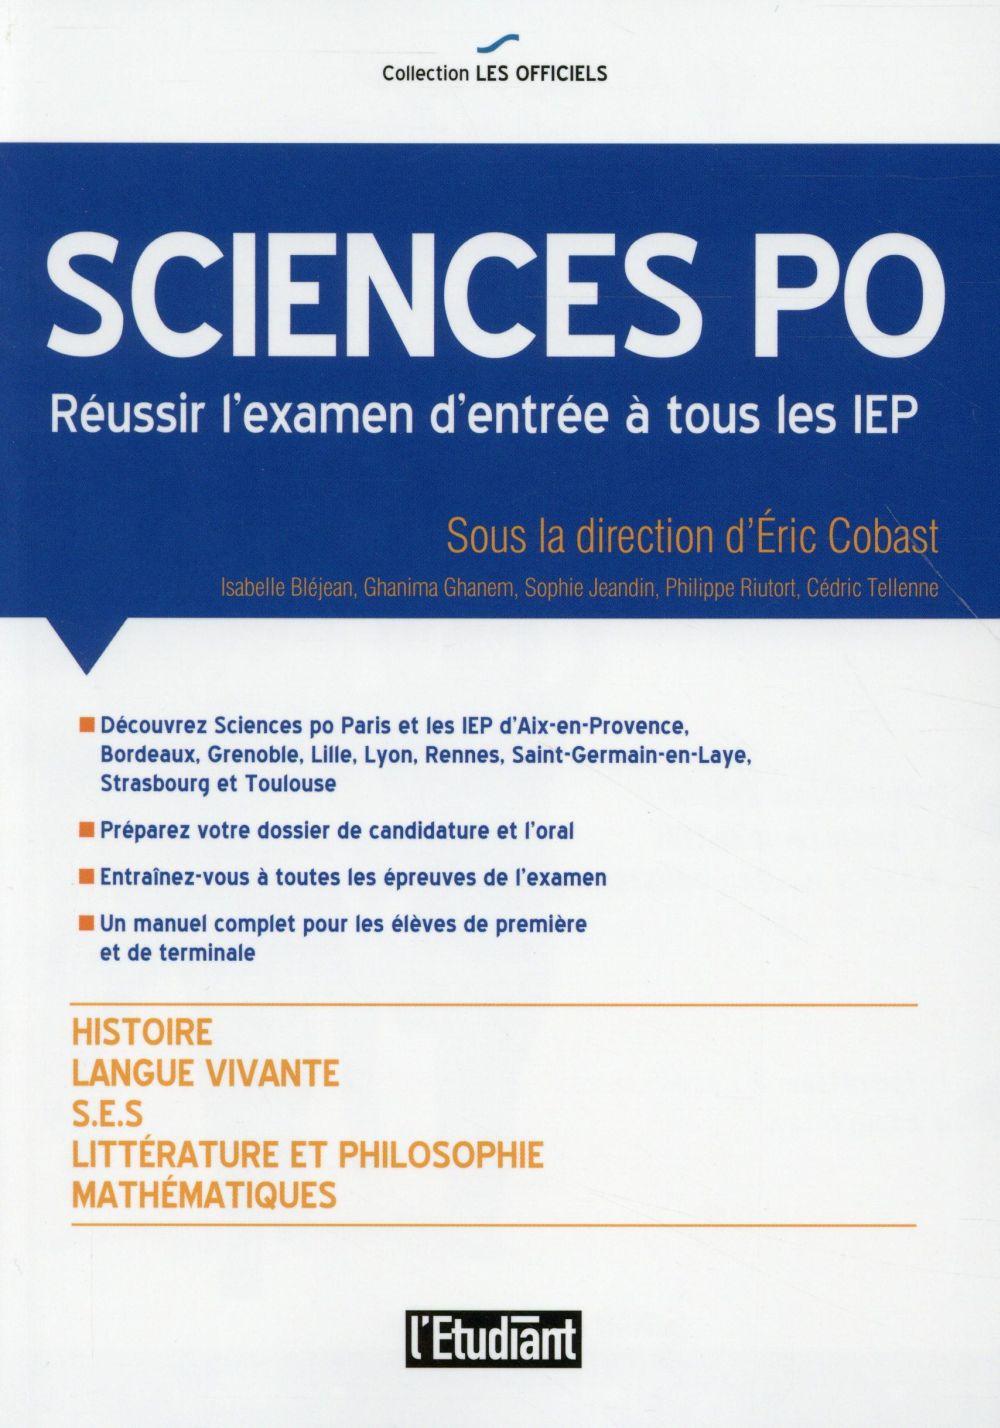 SCIENCES PO REUSSIR L'EXAMEN D'ENTREE A TOUS LES IEP